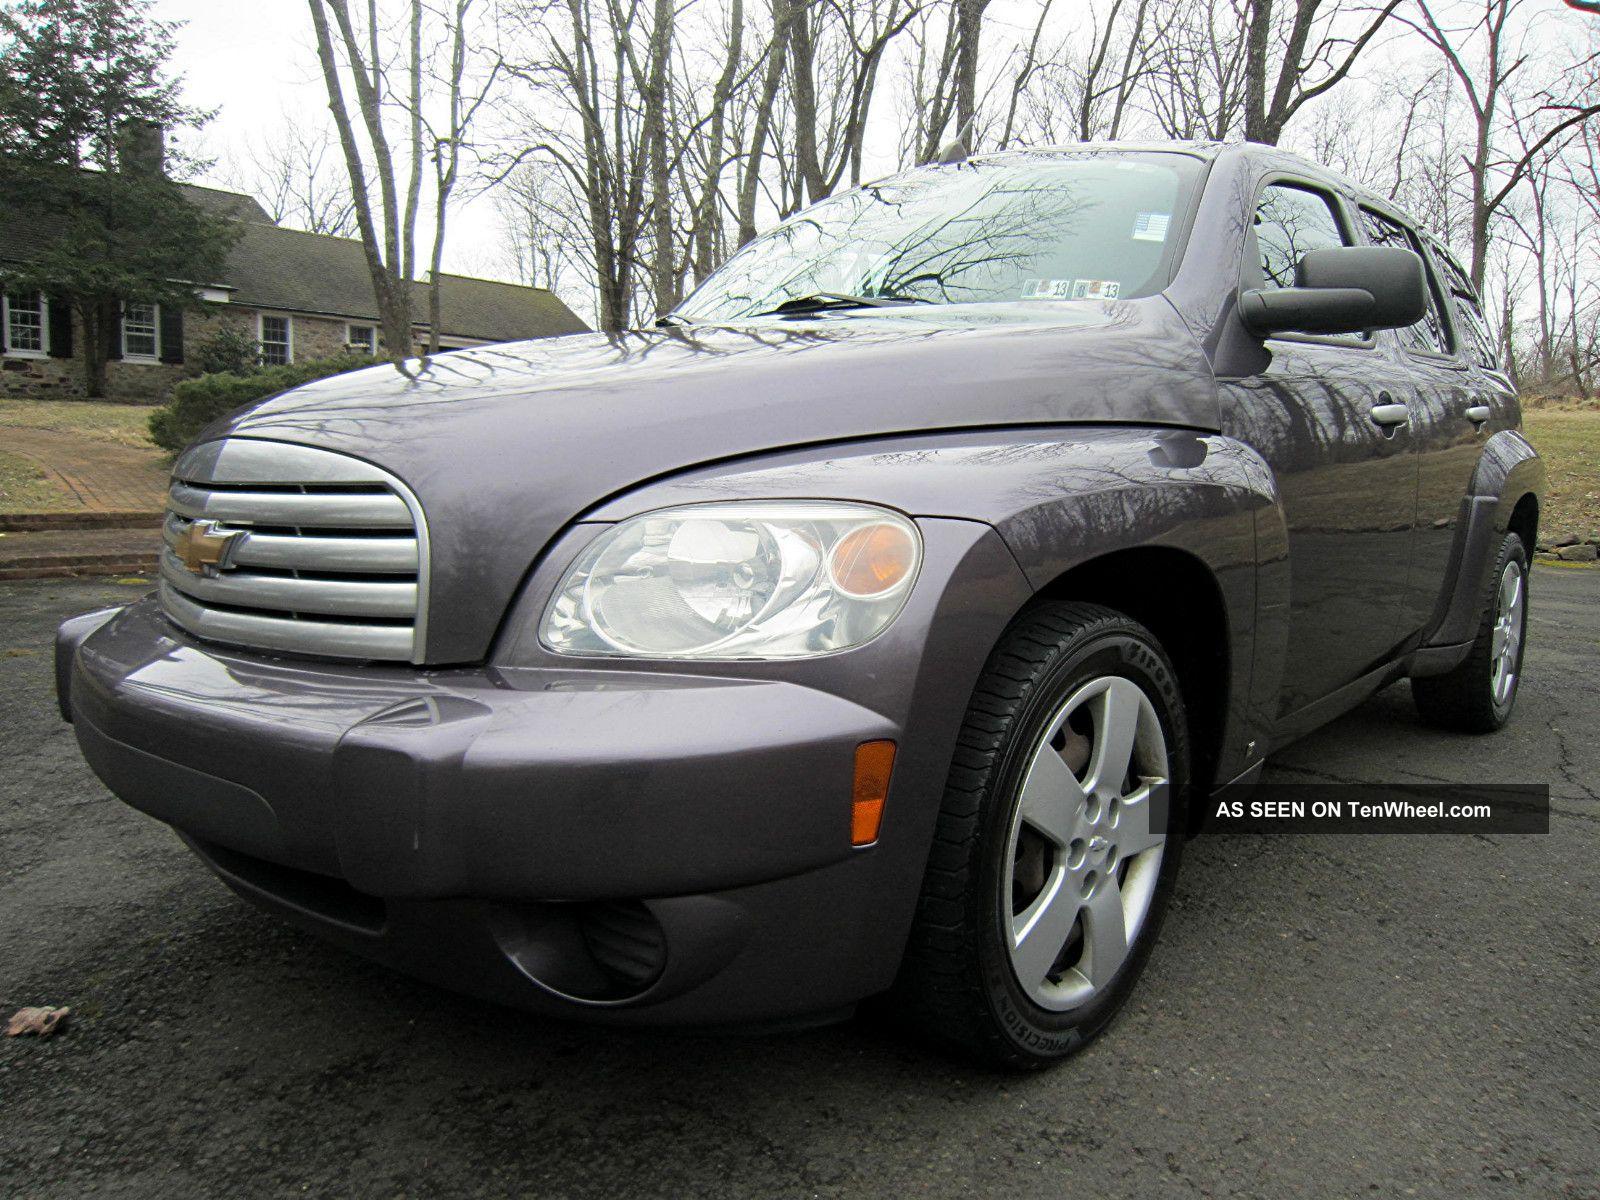 2006 Chevrolet Hhr Ls Wagon 4 Door 2 2l With